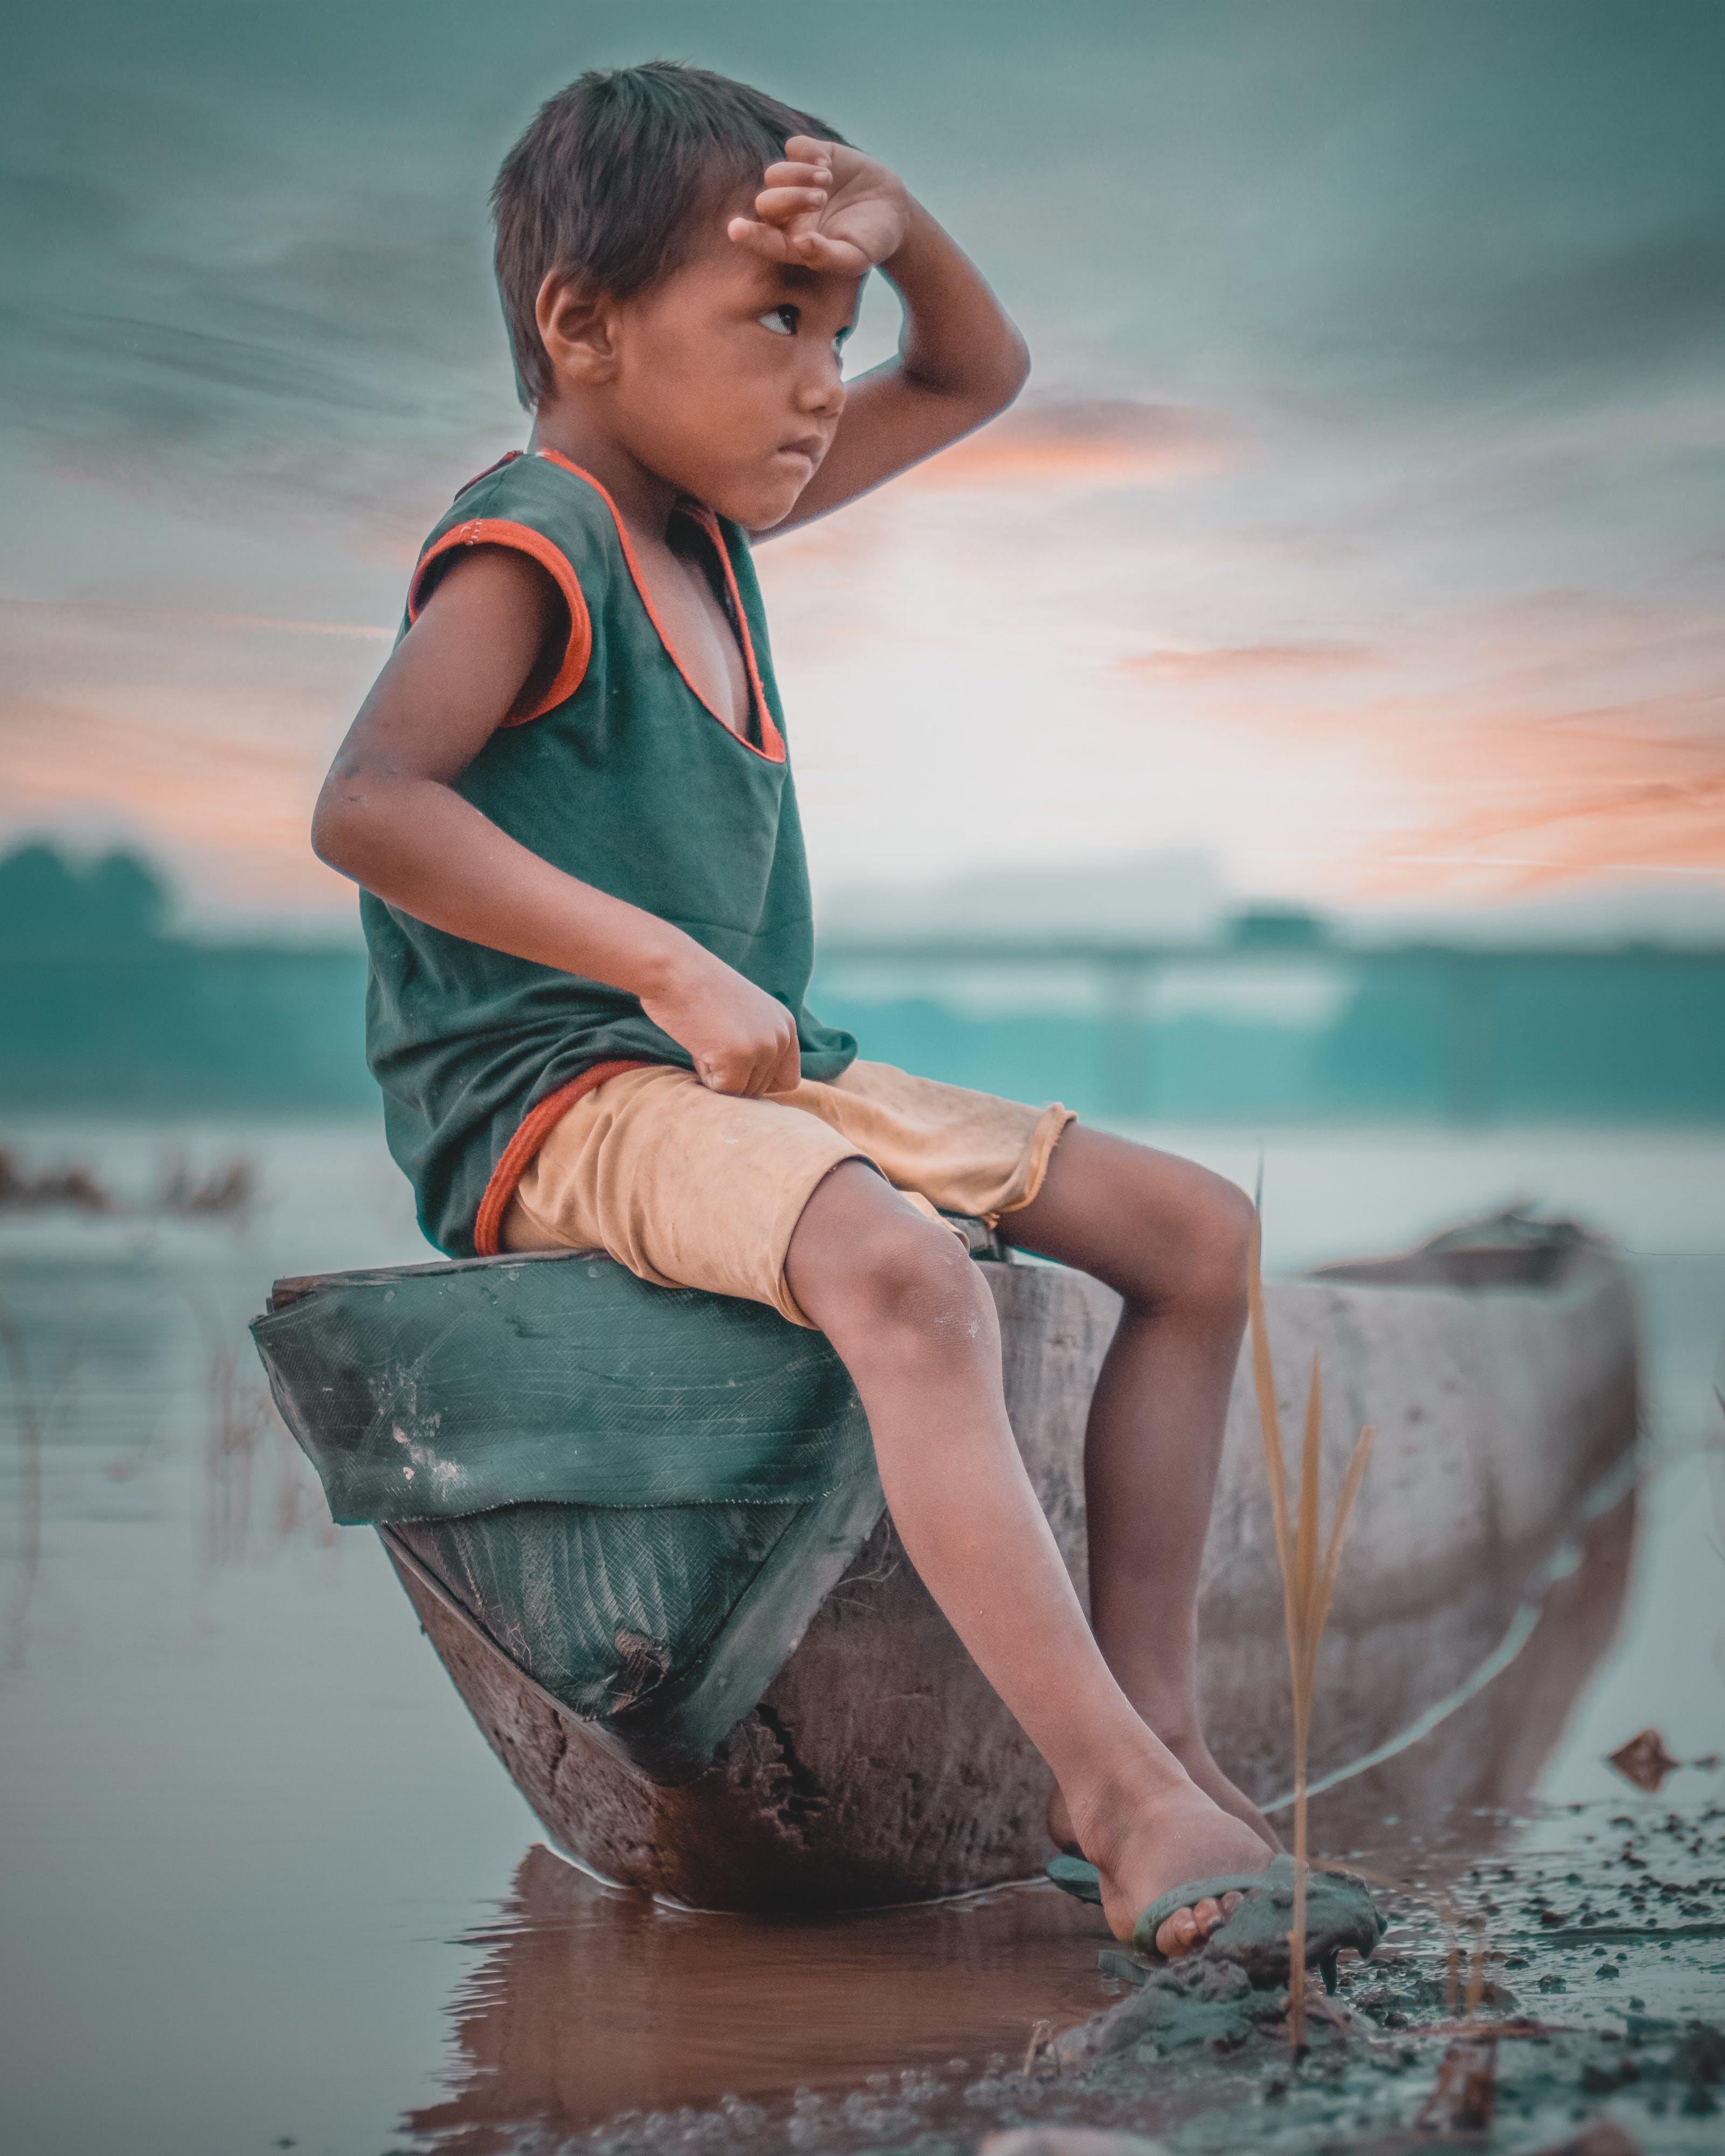 Boy Sitting on Canoe Near Body of Water Taken Under White Clouds